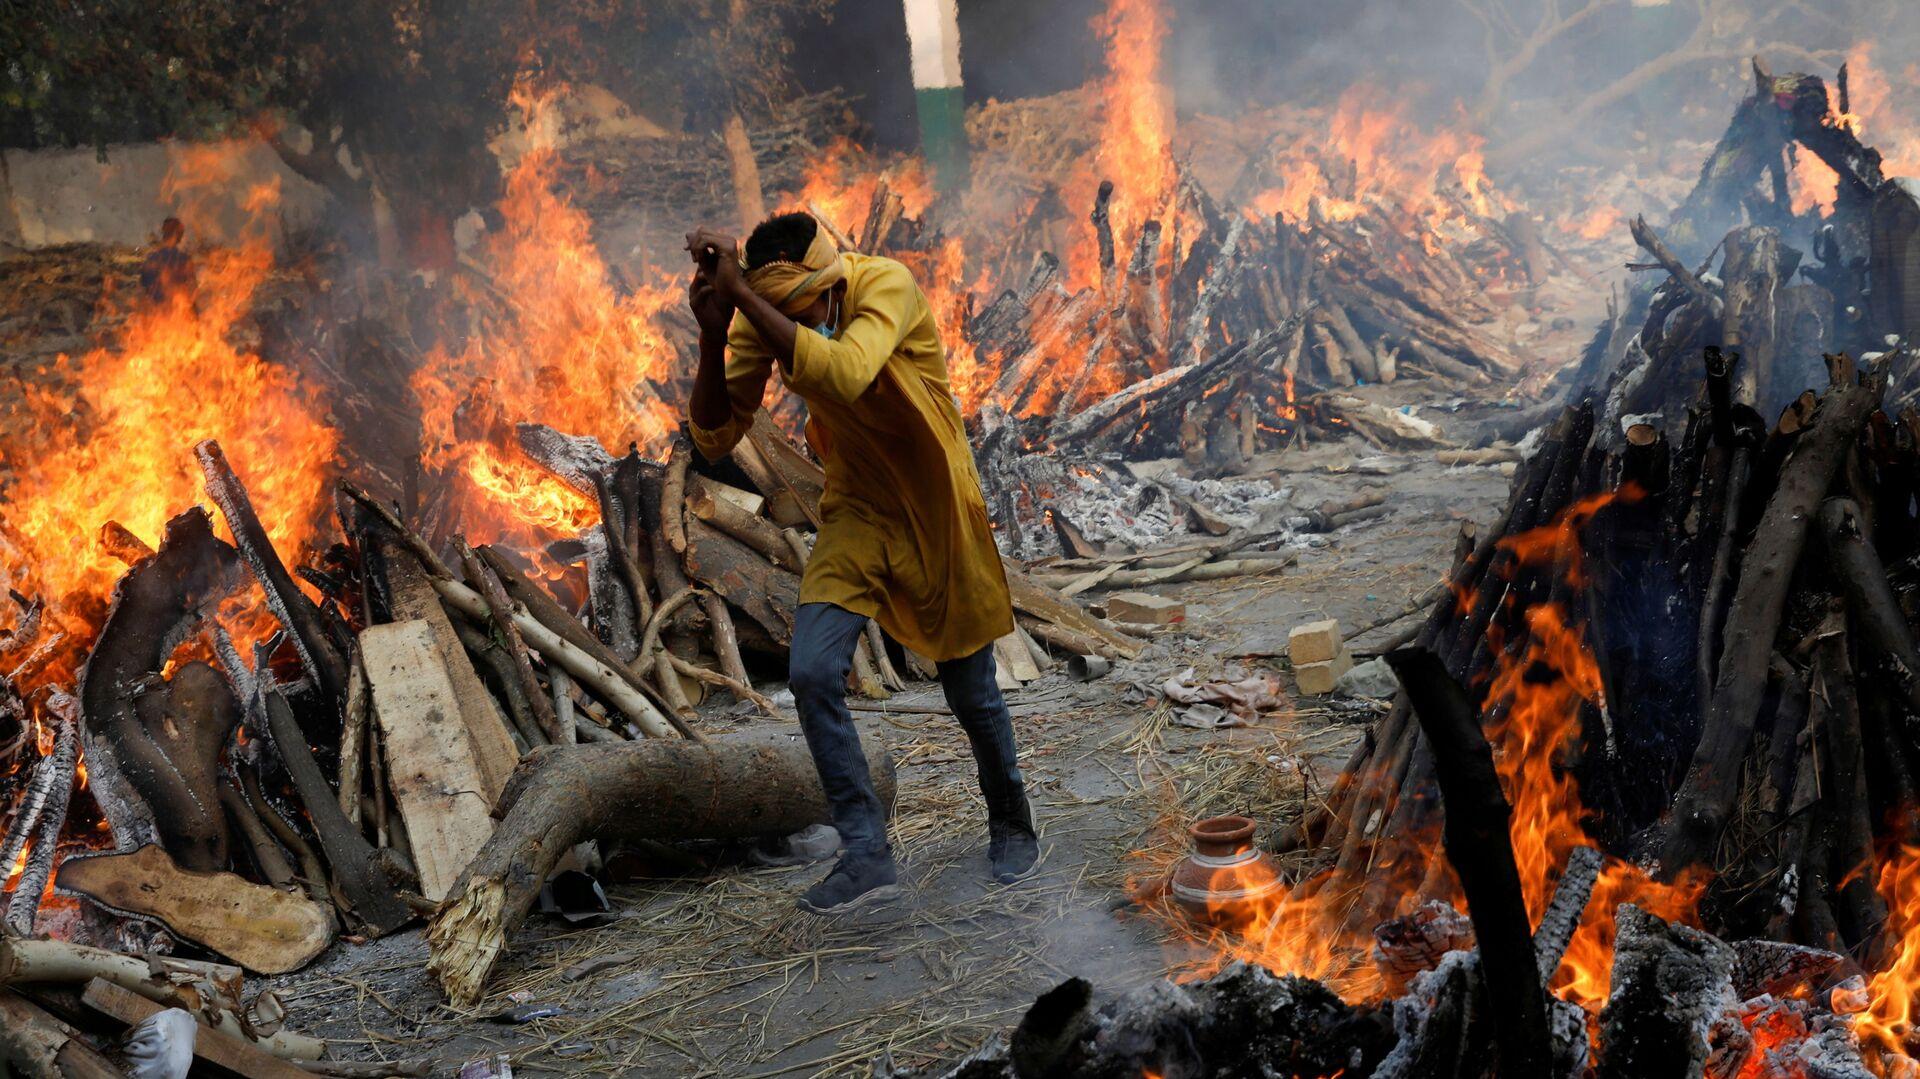 Un uomo passa davanti alle pire funerarie in fiamme dei morti da coronavirus (Covid-19), durante una cremazione di massa, in un crematorio a Nuova Delhi, India 26 aprile 2021.   - Sputnik Italia, 1920, 05.05.2021